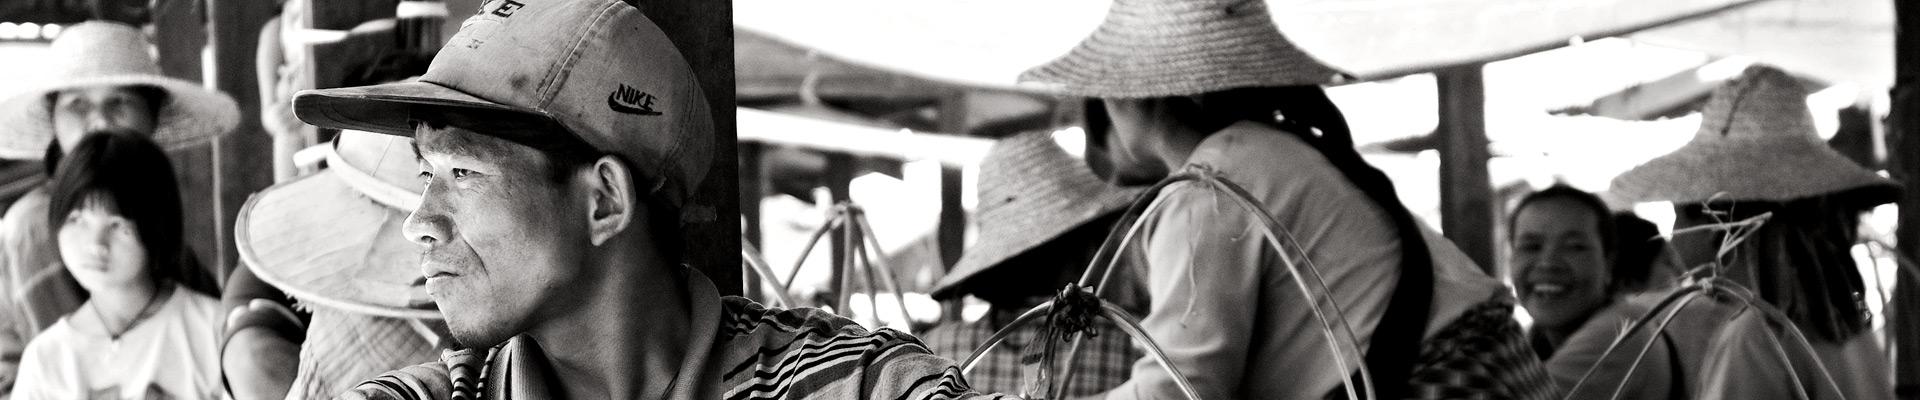 Top image homme au marché de Heho, Birmanie